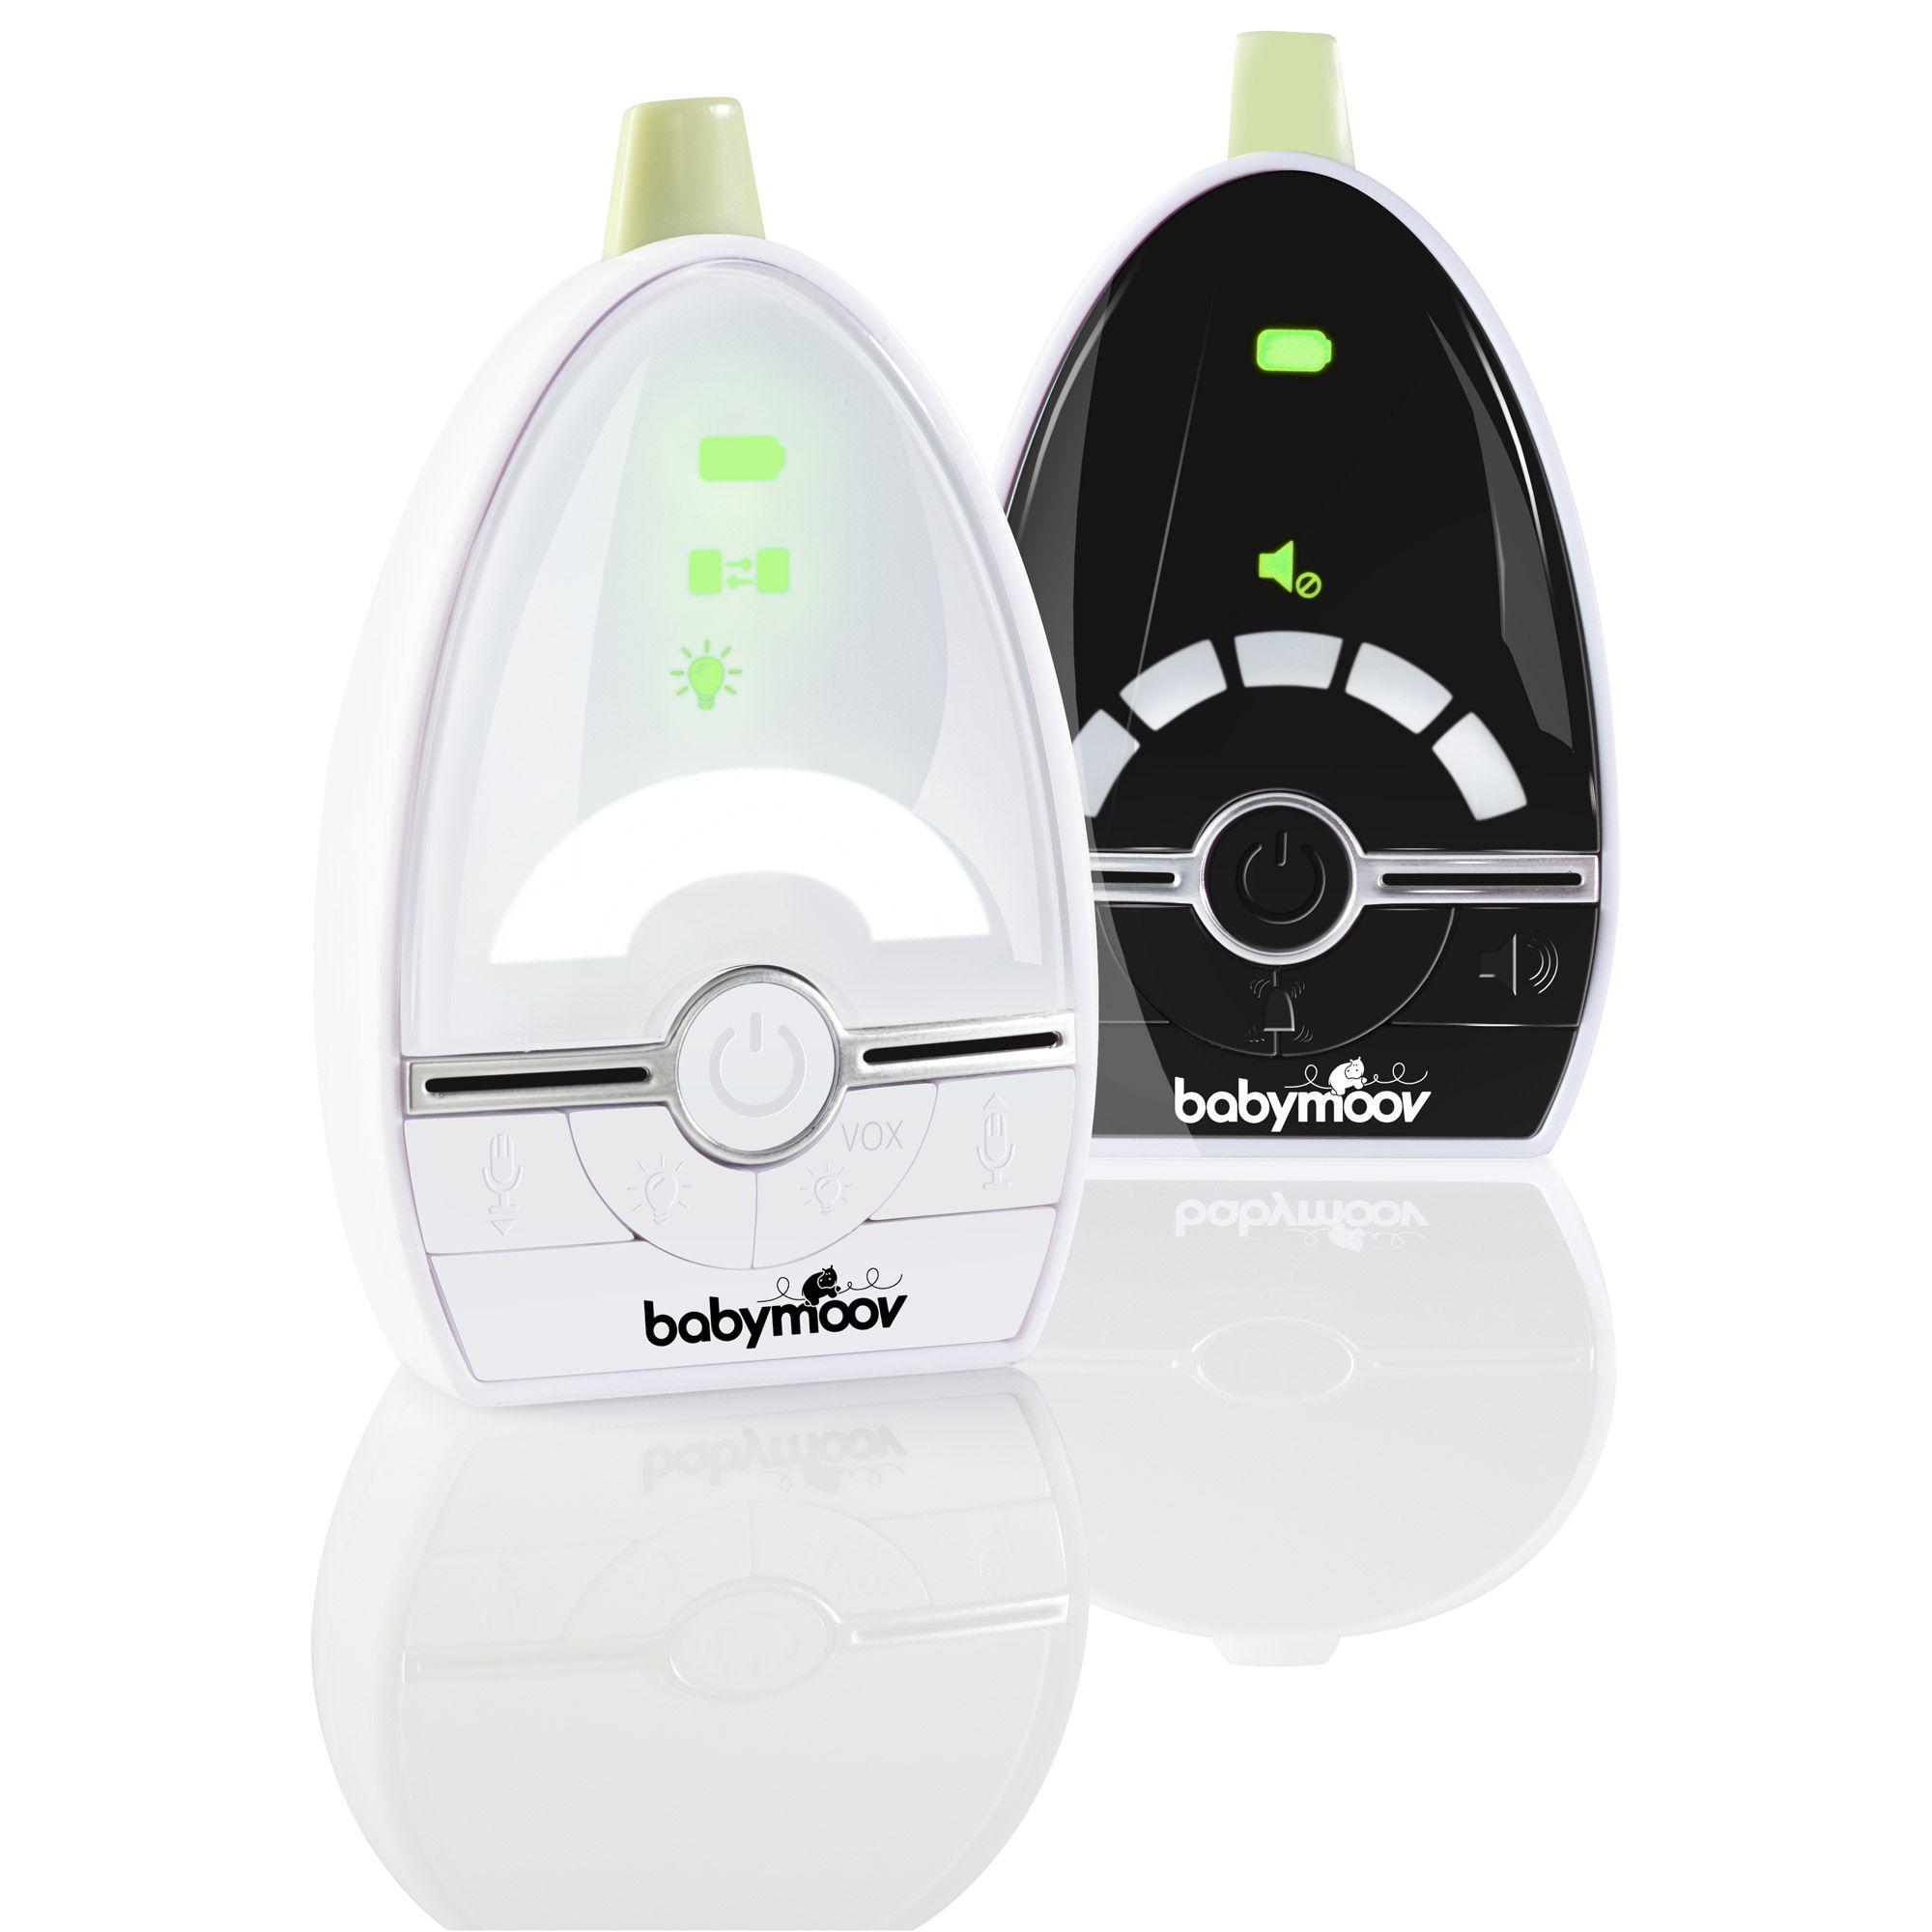 Babyphone Expert Care nouveau modèle BABYMOOV